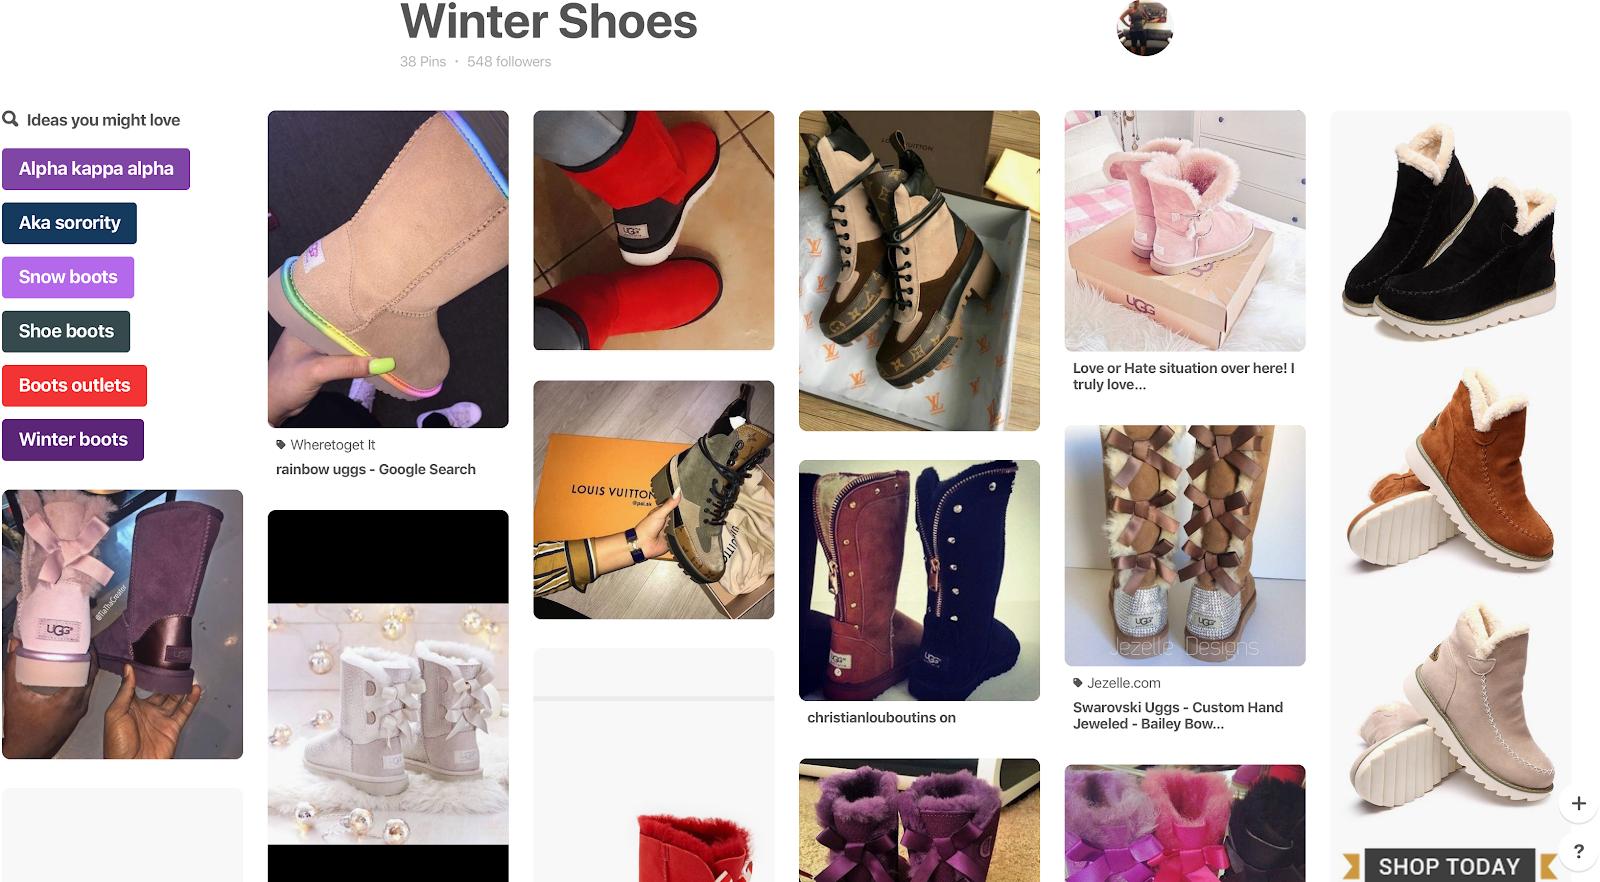 A board showcasing Winter shoes